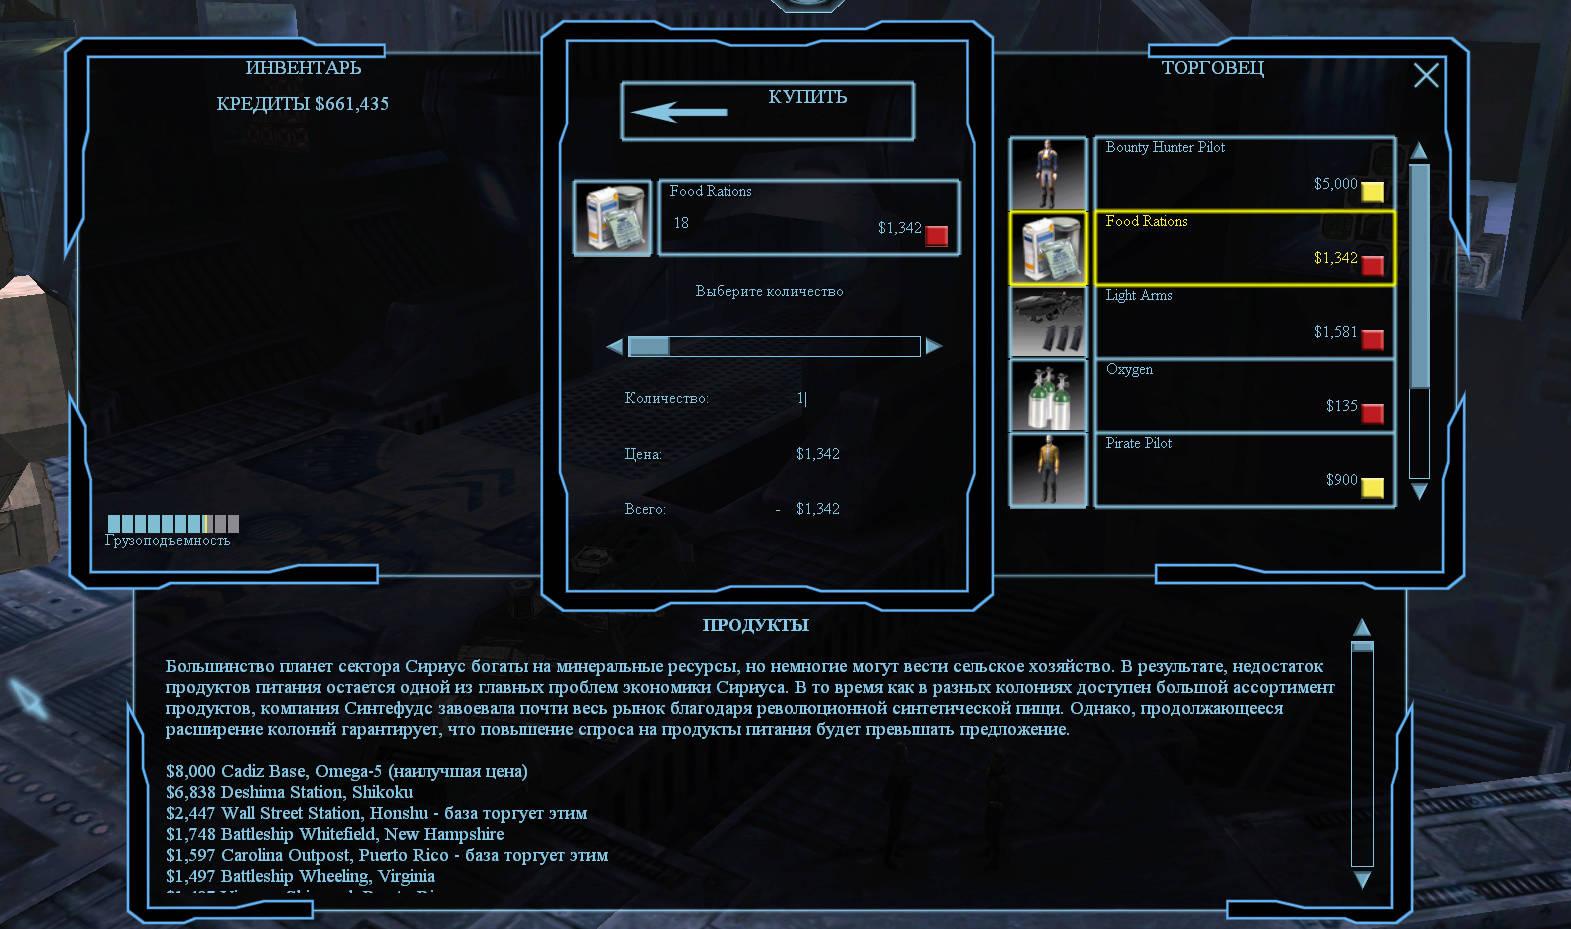 Гайд по установке и настройке клиента Discovery!!! - Страница 3 Screen42